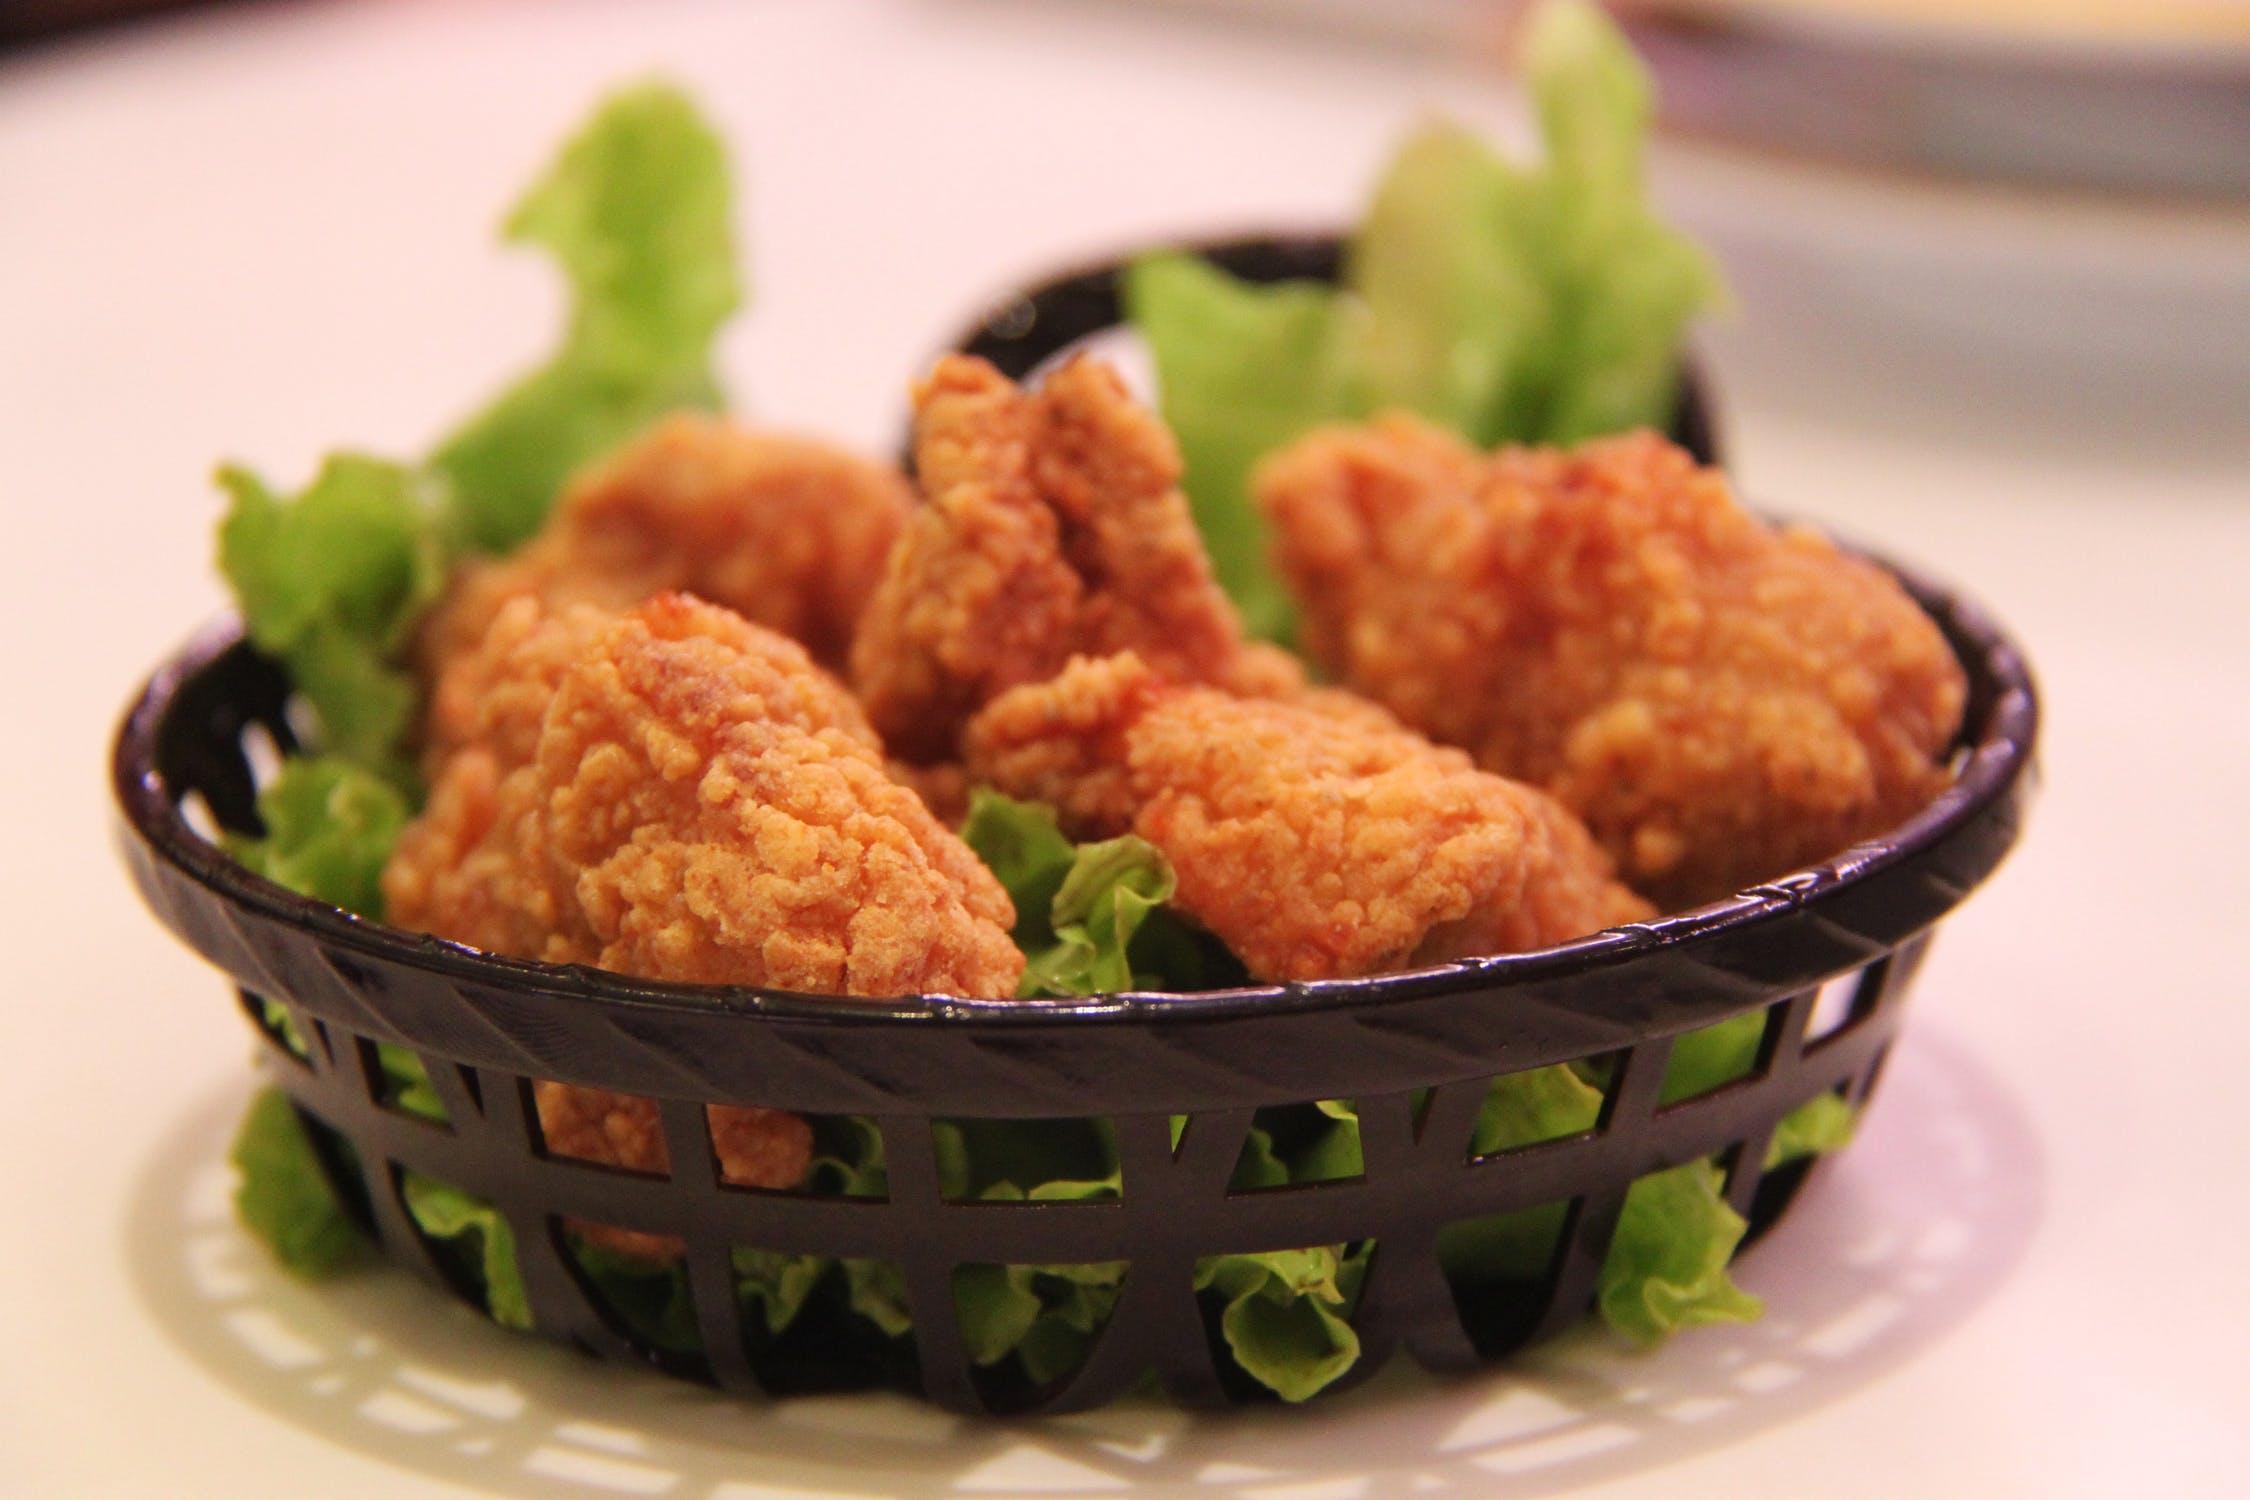 fried chicken, yescomusa, deep fryer